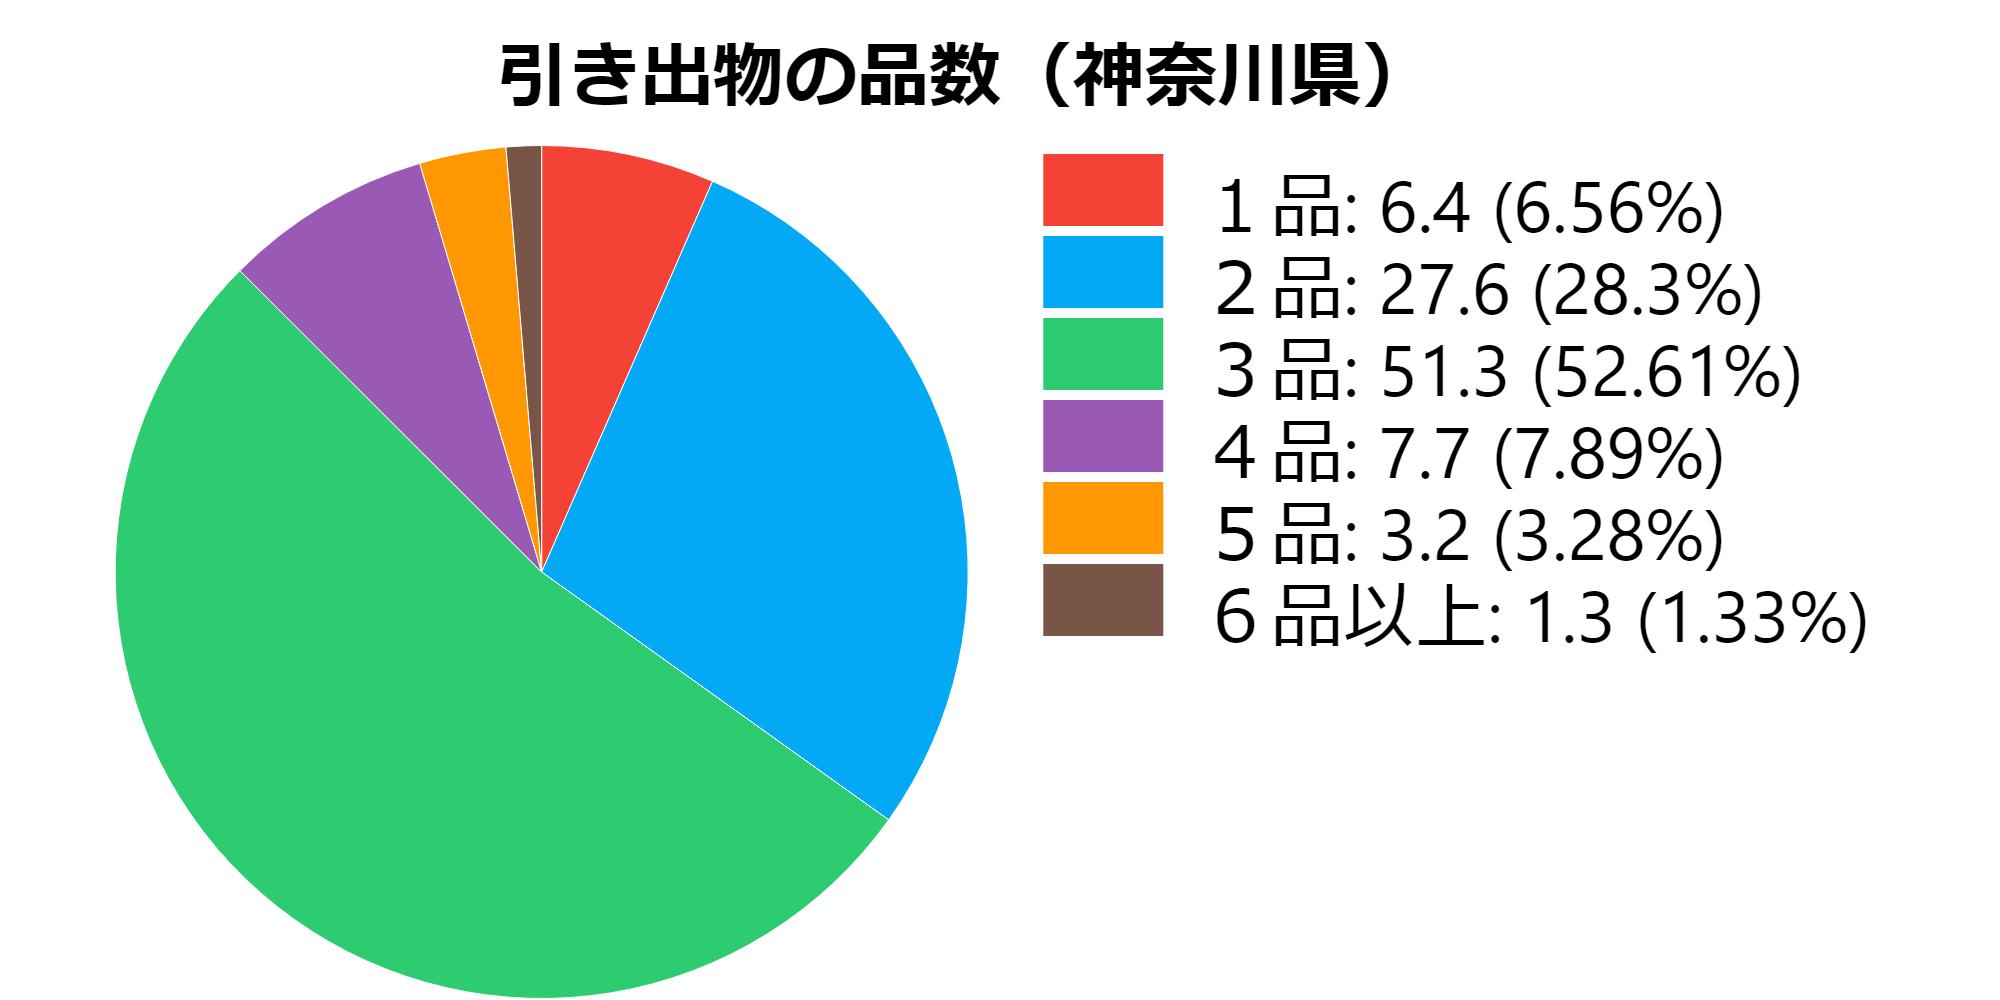 品数(神奈川県)